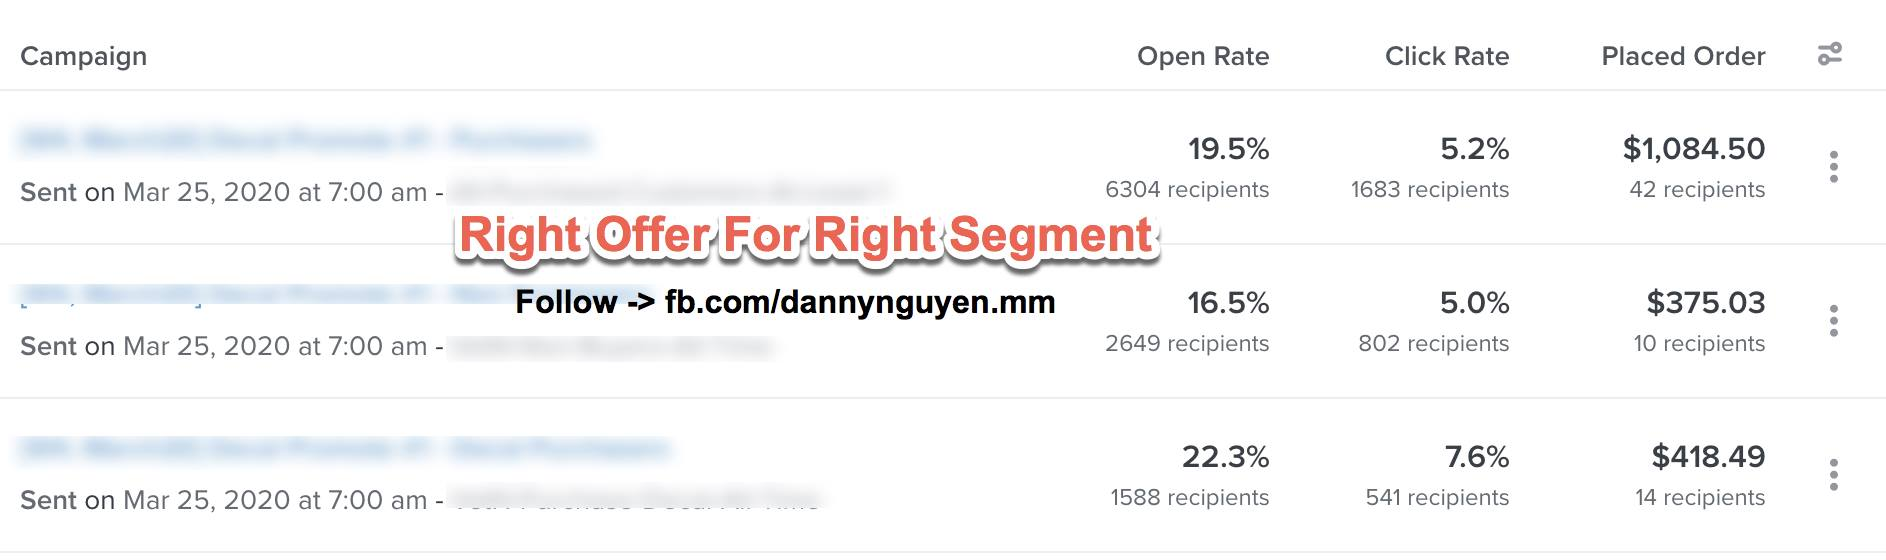 chia sẻ cách spam khách hàng để kéo khách hàng thân thiết